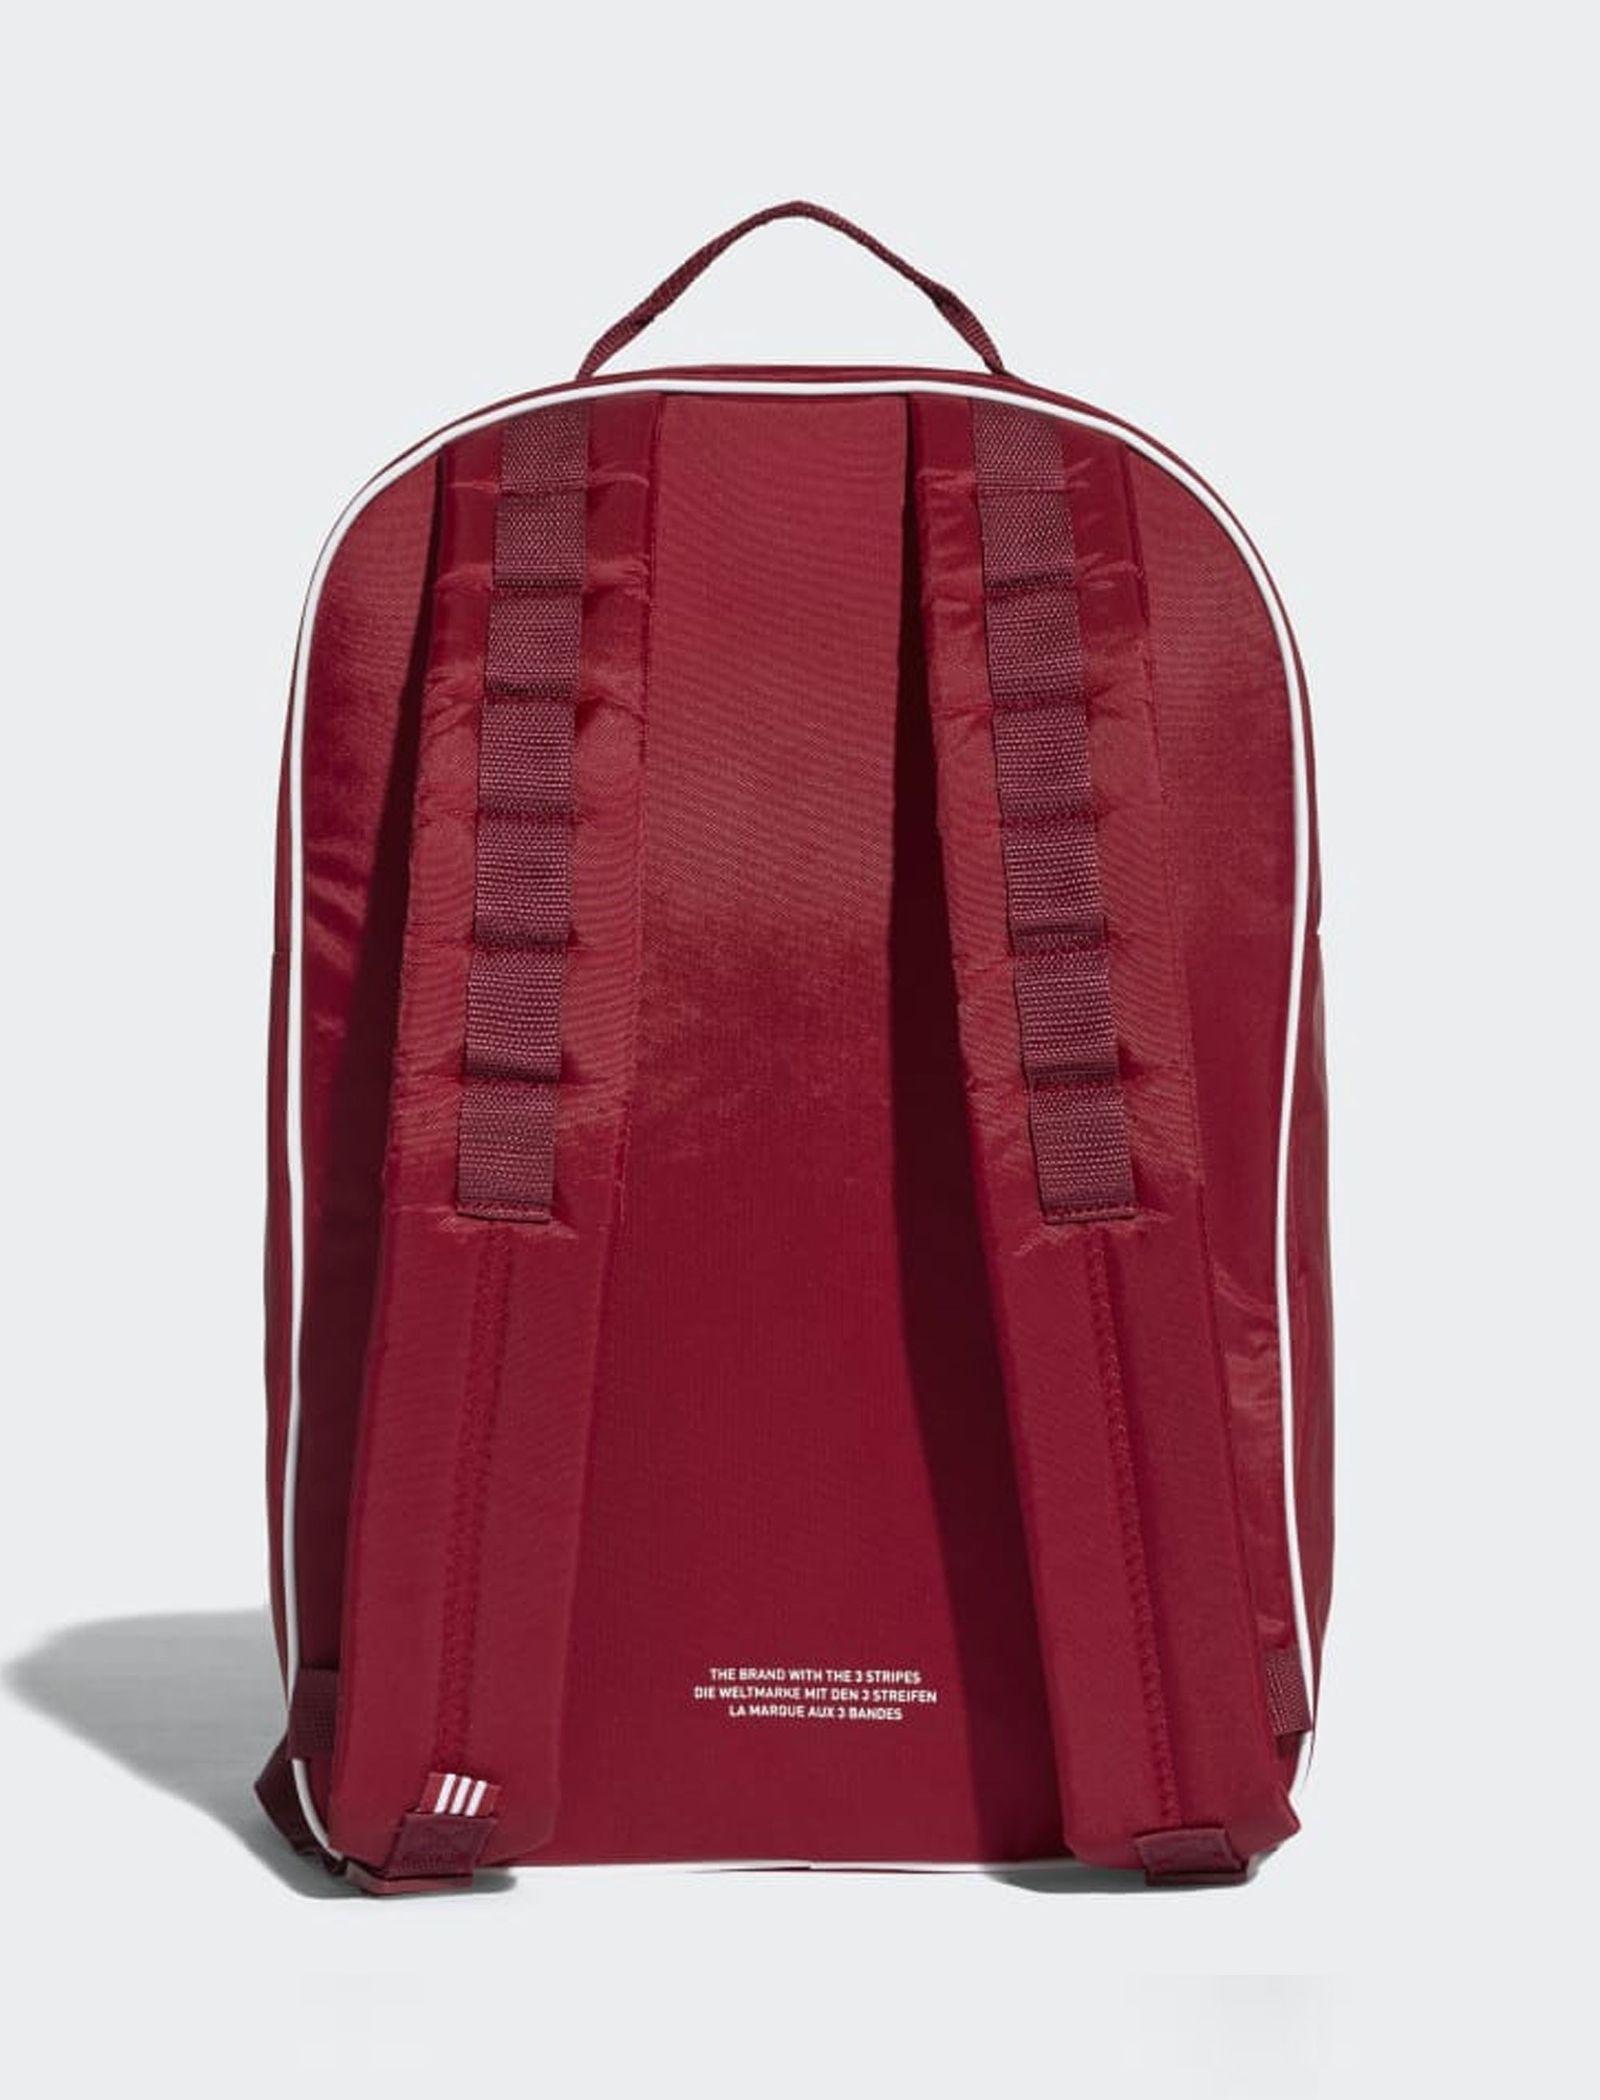 کوله پشتی روزمره بزرگسال Classic - آدیداس تک سایز - قرمز تيره - 2